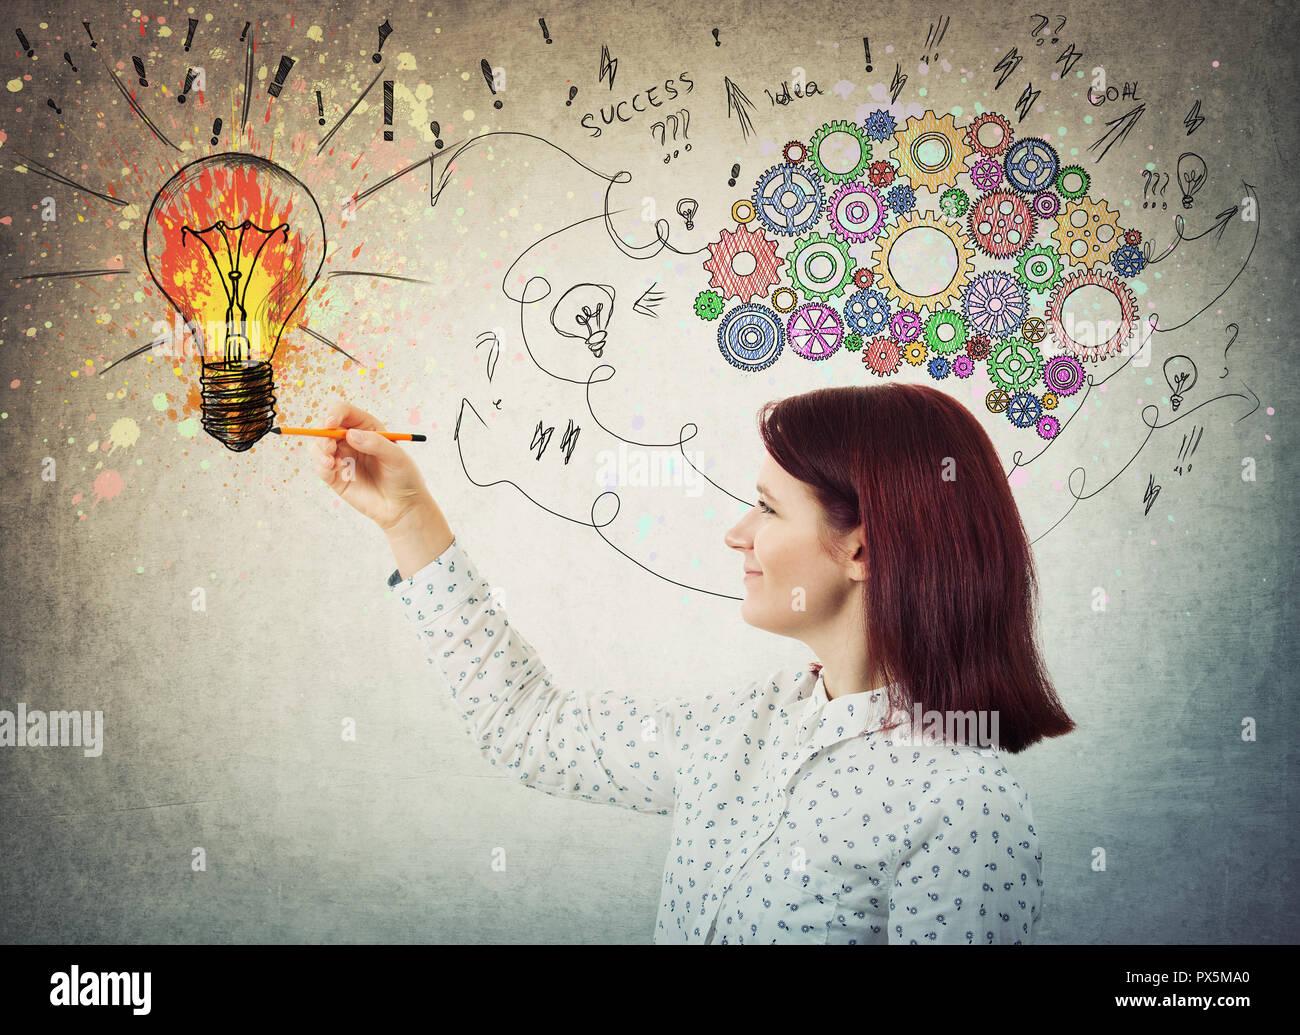 Giovane donna con colorate cervello ingranaggio sopra la testa, emozione positiva, il disegno di un'idea geniale come frecce curve e andando a un colore splash lampadina. Conc Immagini Stock